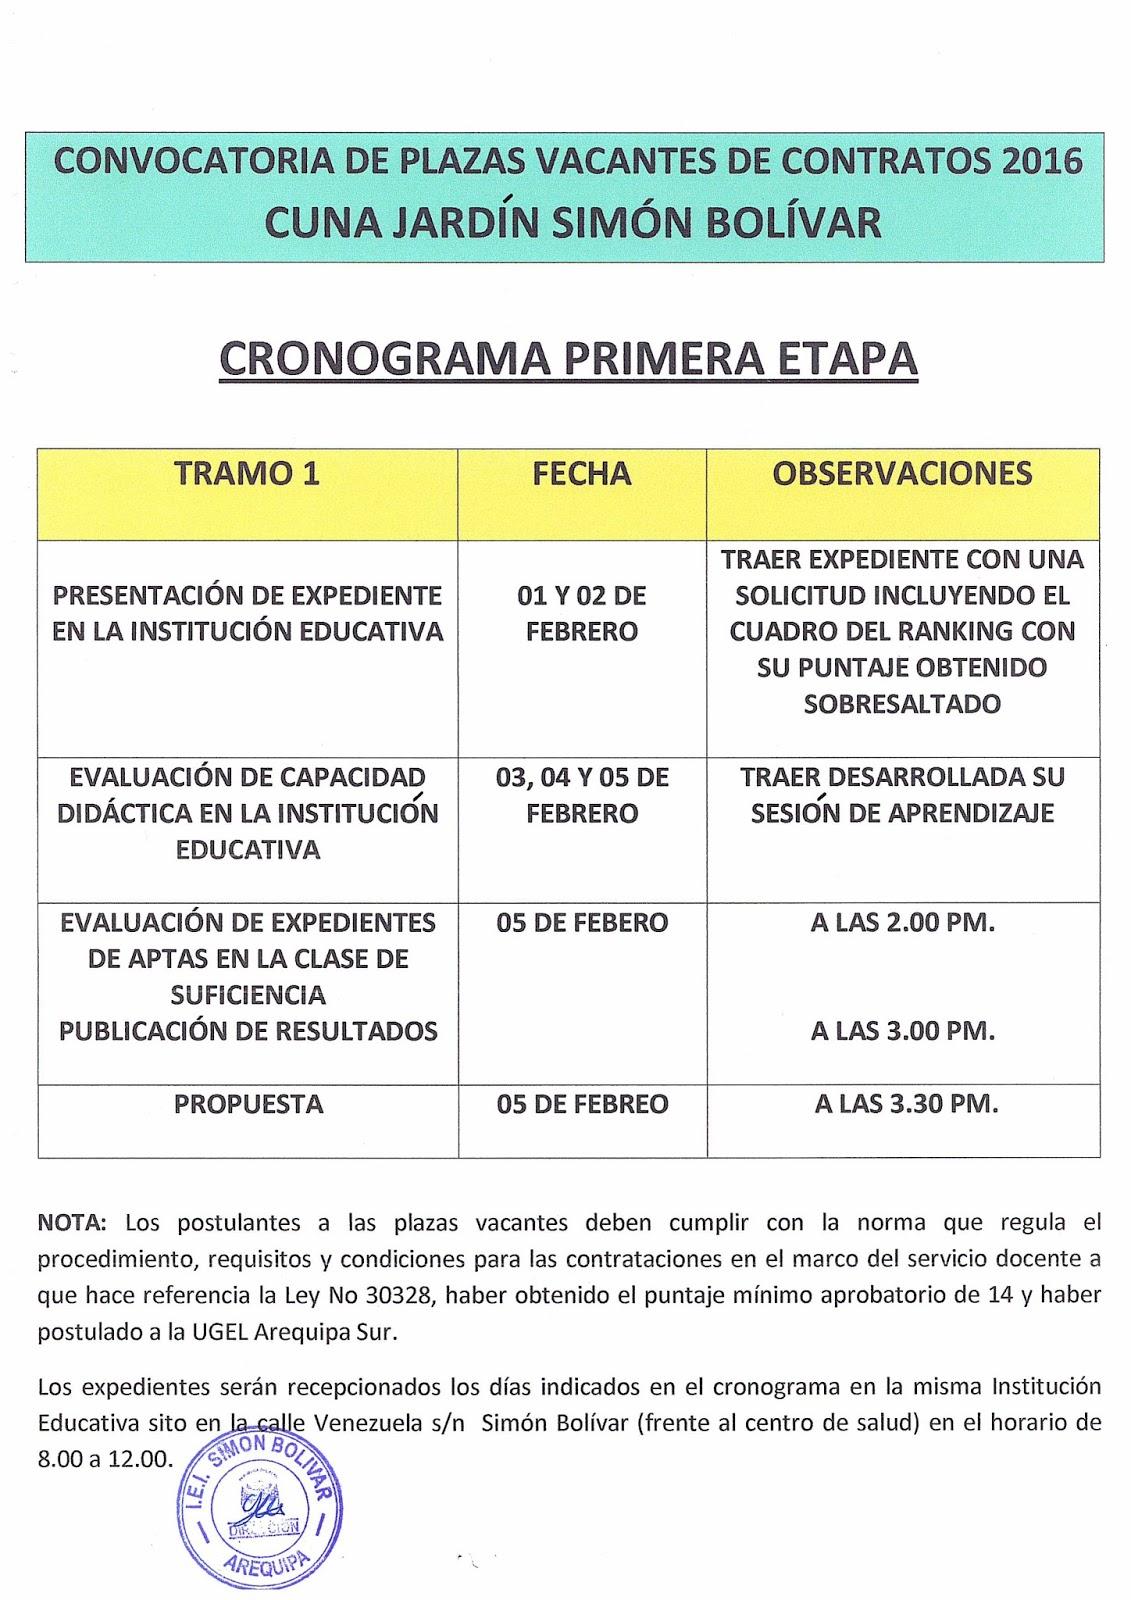 Cronograma de convocatoria para cuna jard n sim n bol var for Convocatoria docente 2016